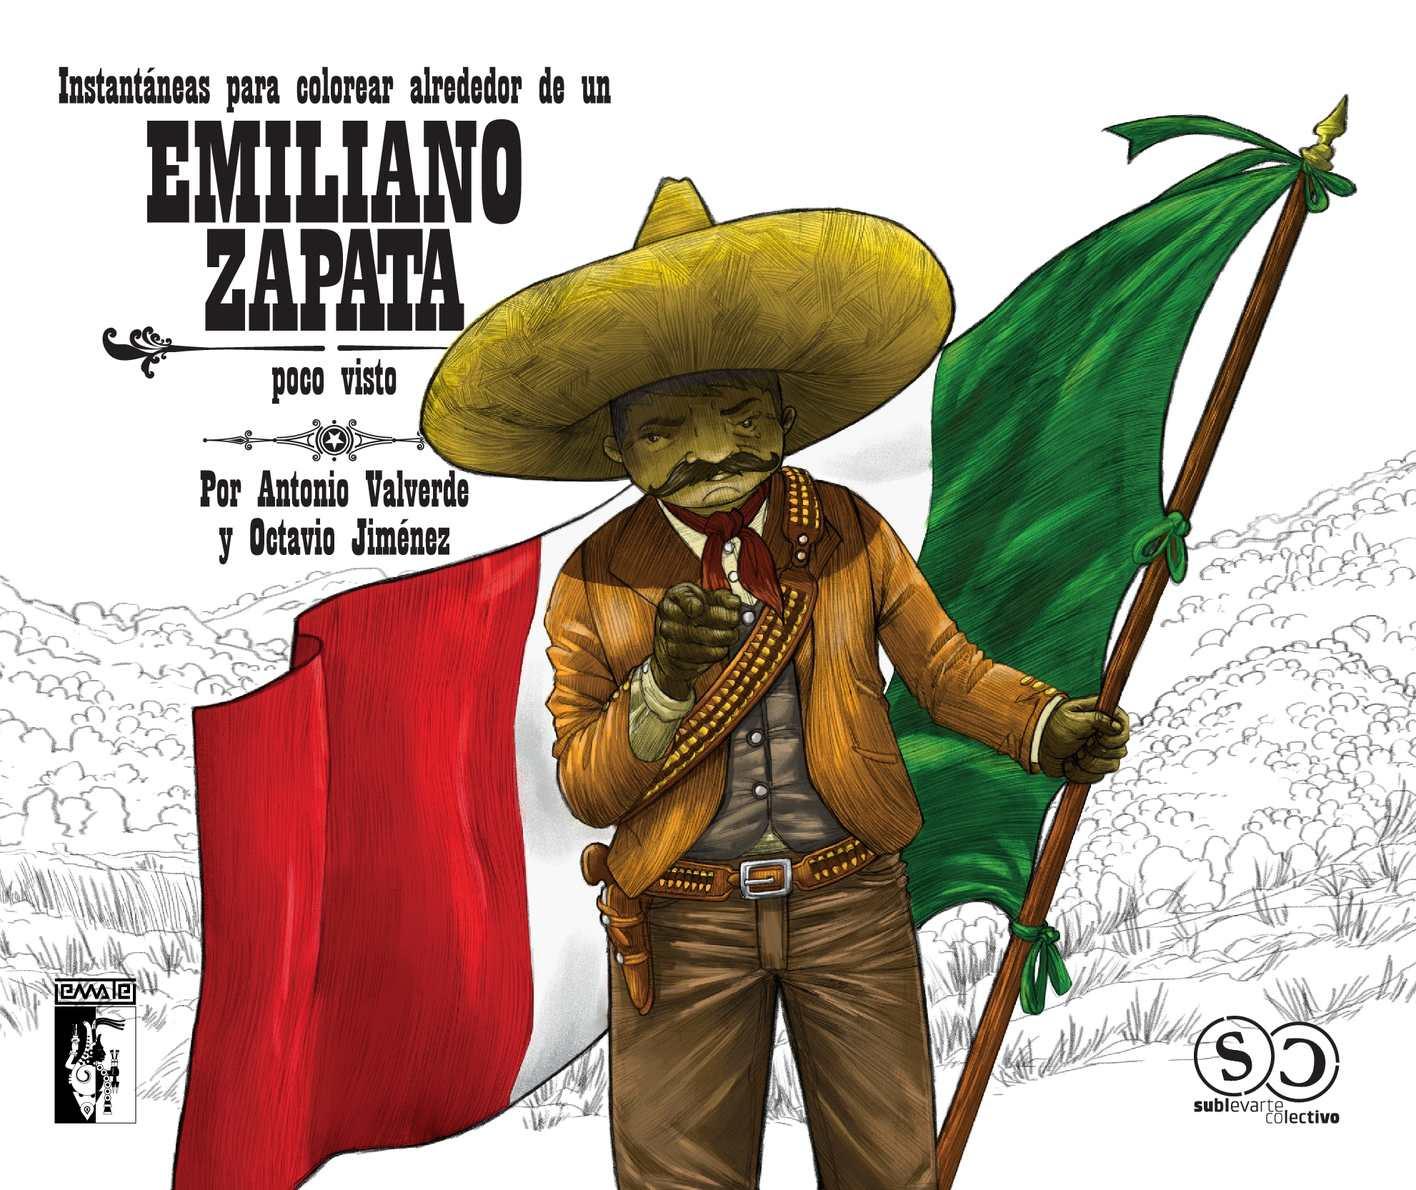 Calaméo Instantaneas Para Colorear Alrededor De Un Emiliano Zapata